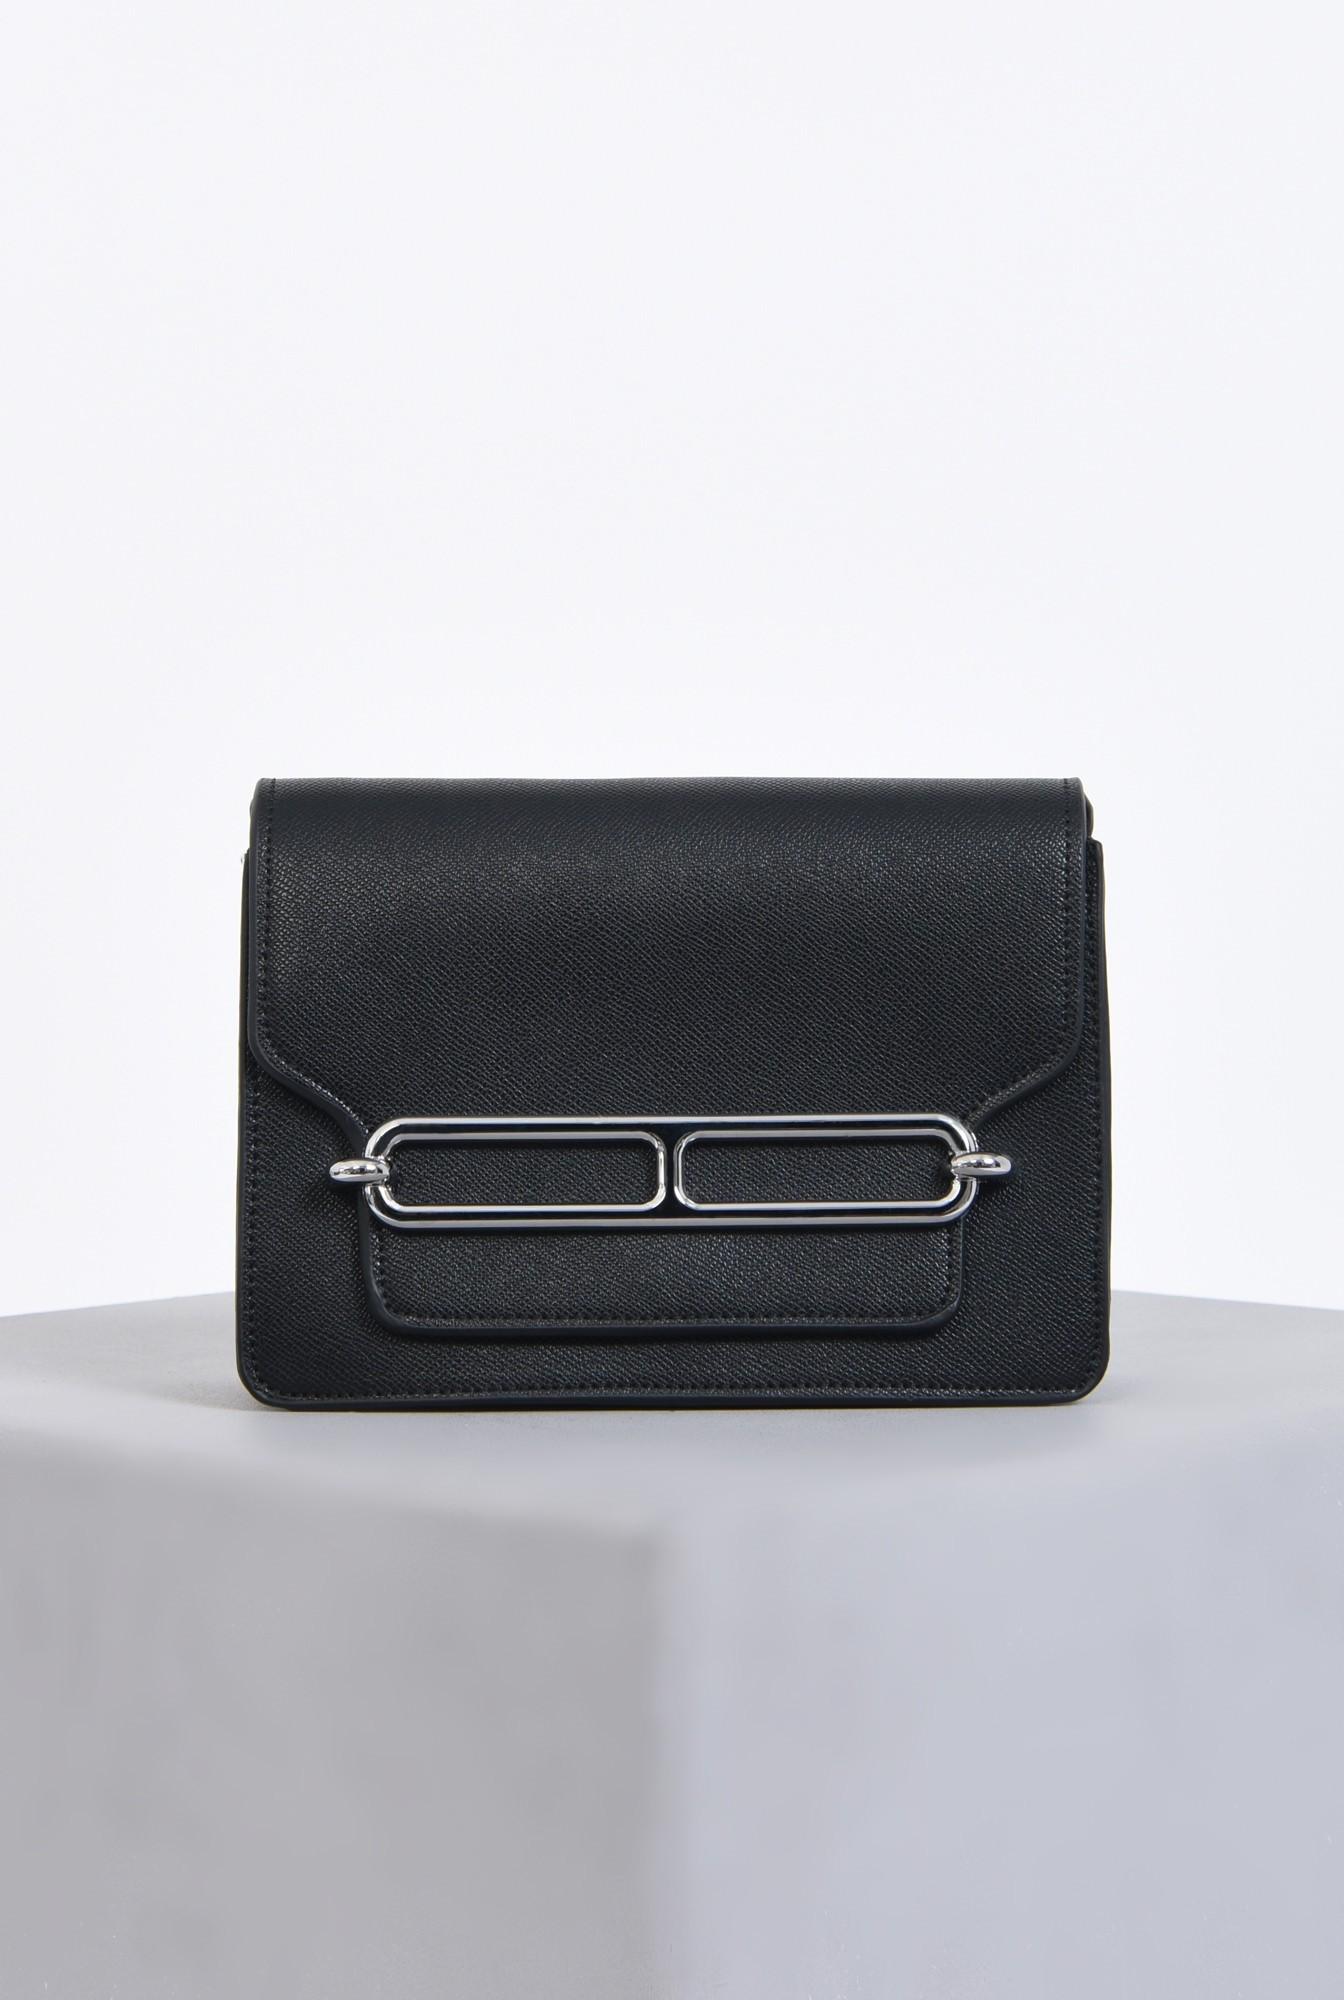 geanta casual, negru, bareta detasabila